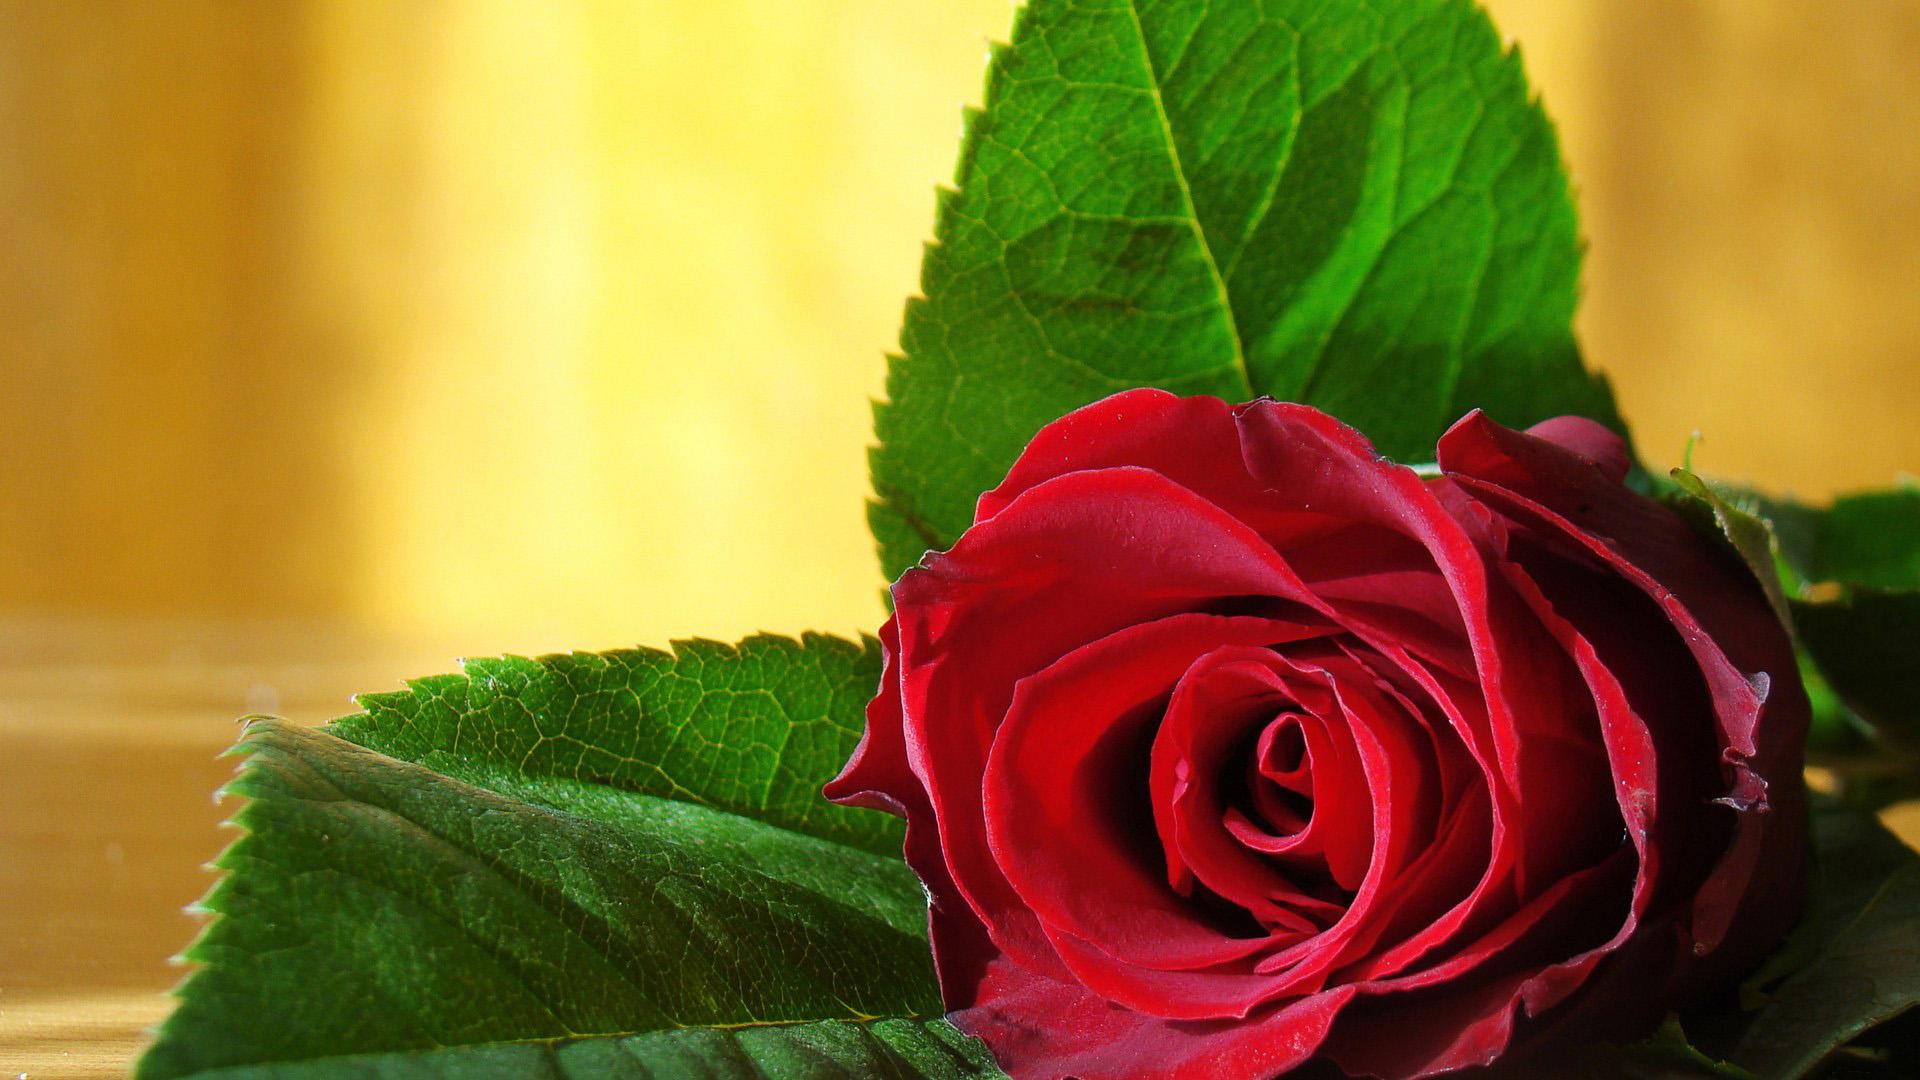 Красивые обои розы на рабочий стол - интересная коллекция 9